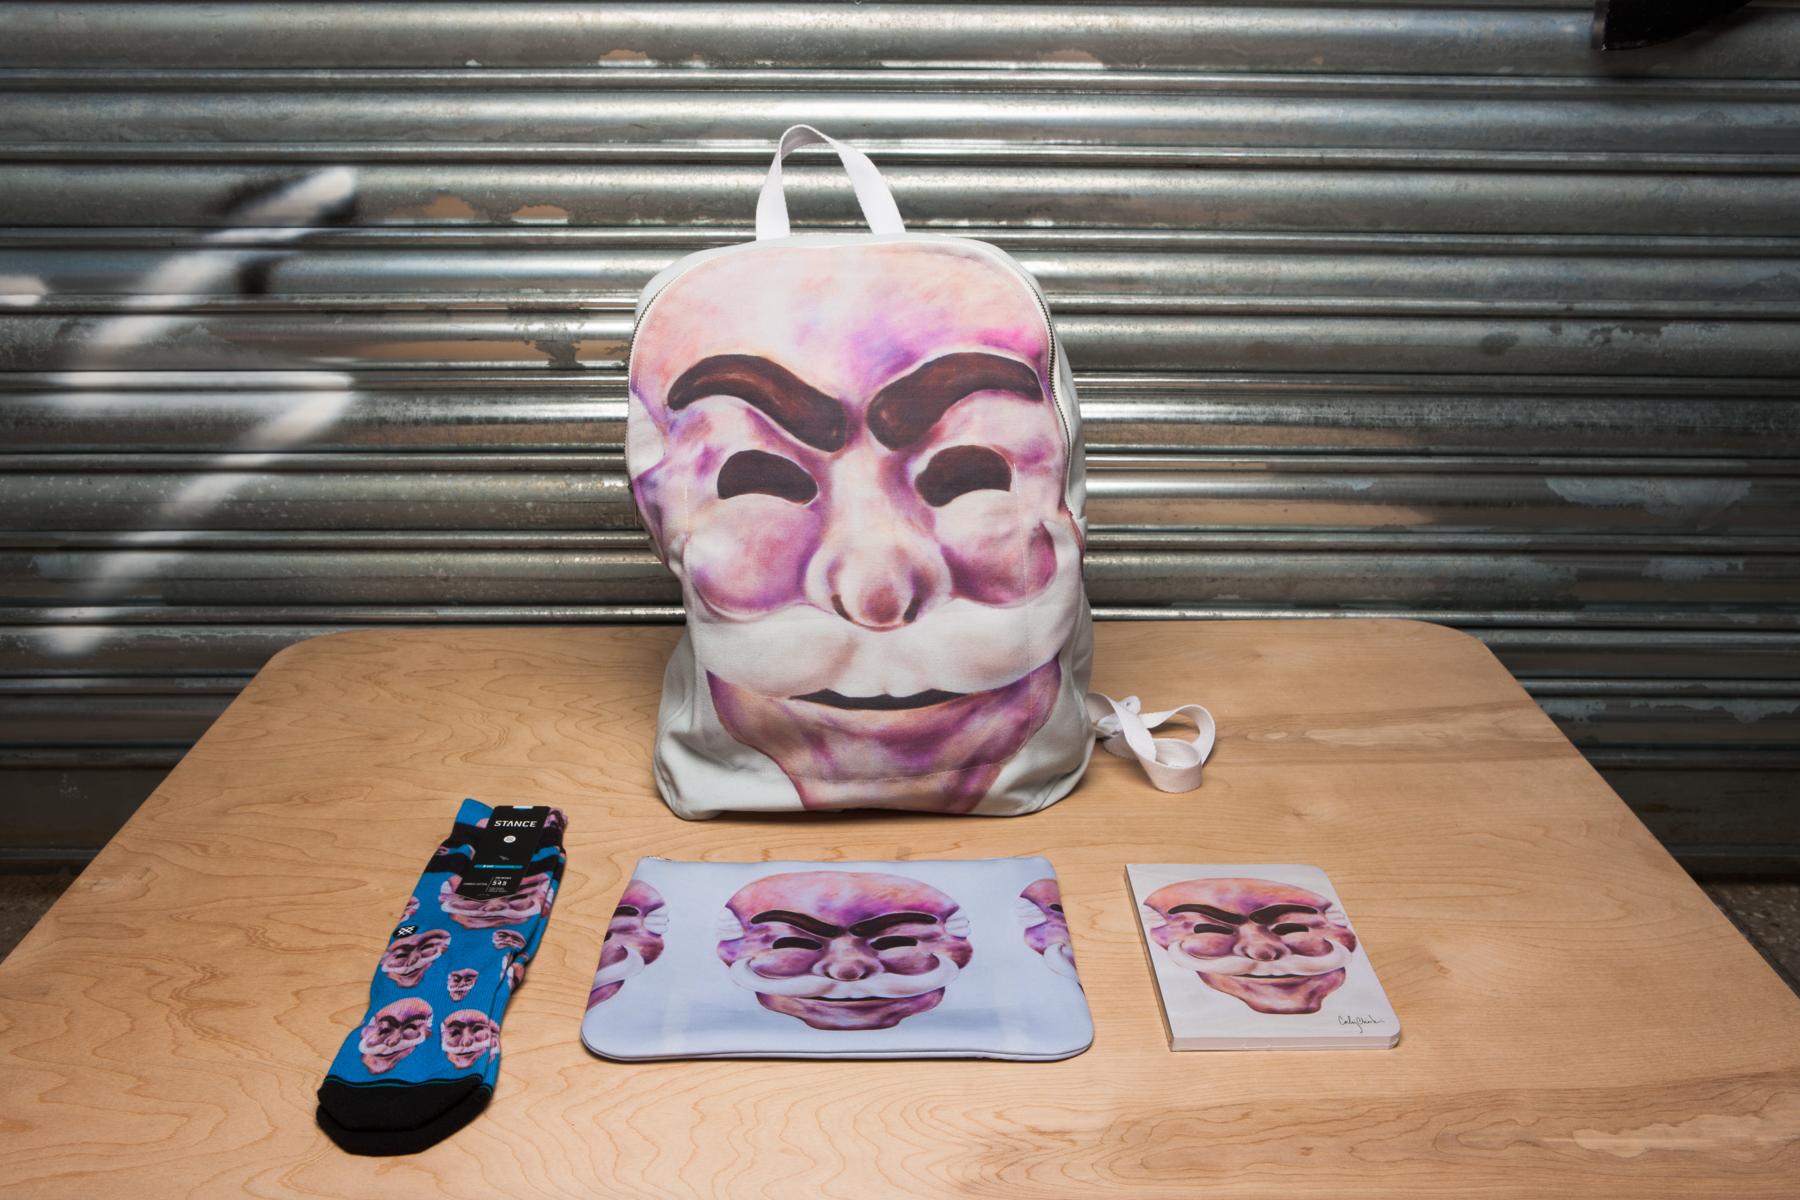 Icq боты - Proxy-Base Community - Анонимность и заработок в